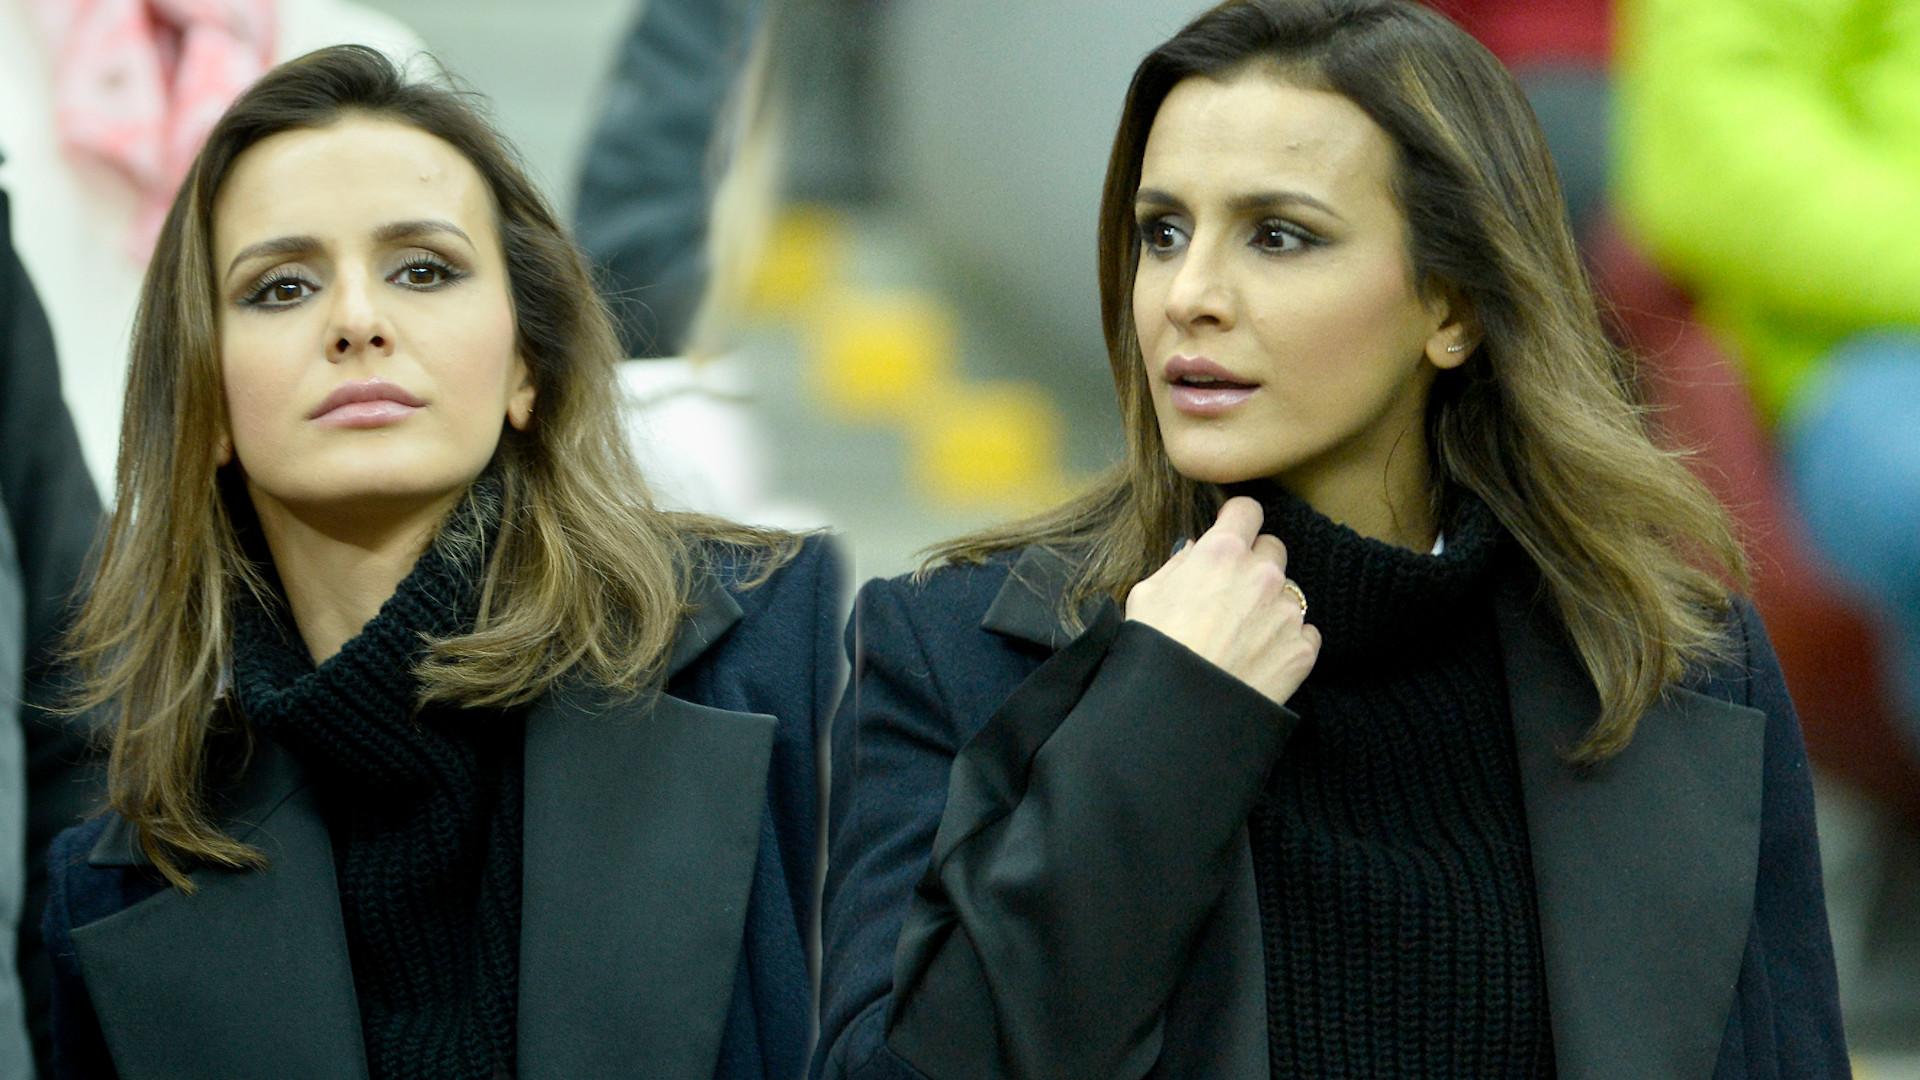 Irina Shayk w płaszczu Sary Boruc. Jedna z internautek ZGASIŁA entuzjazm projektantki